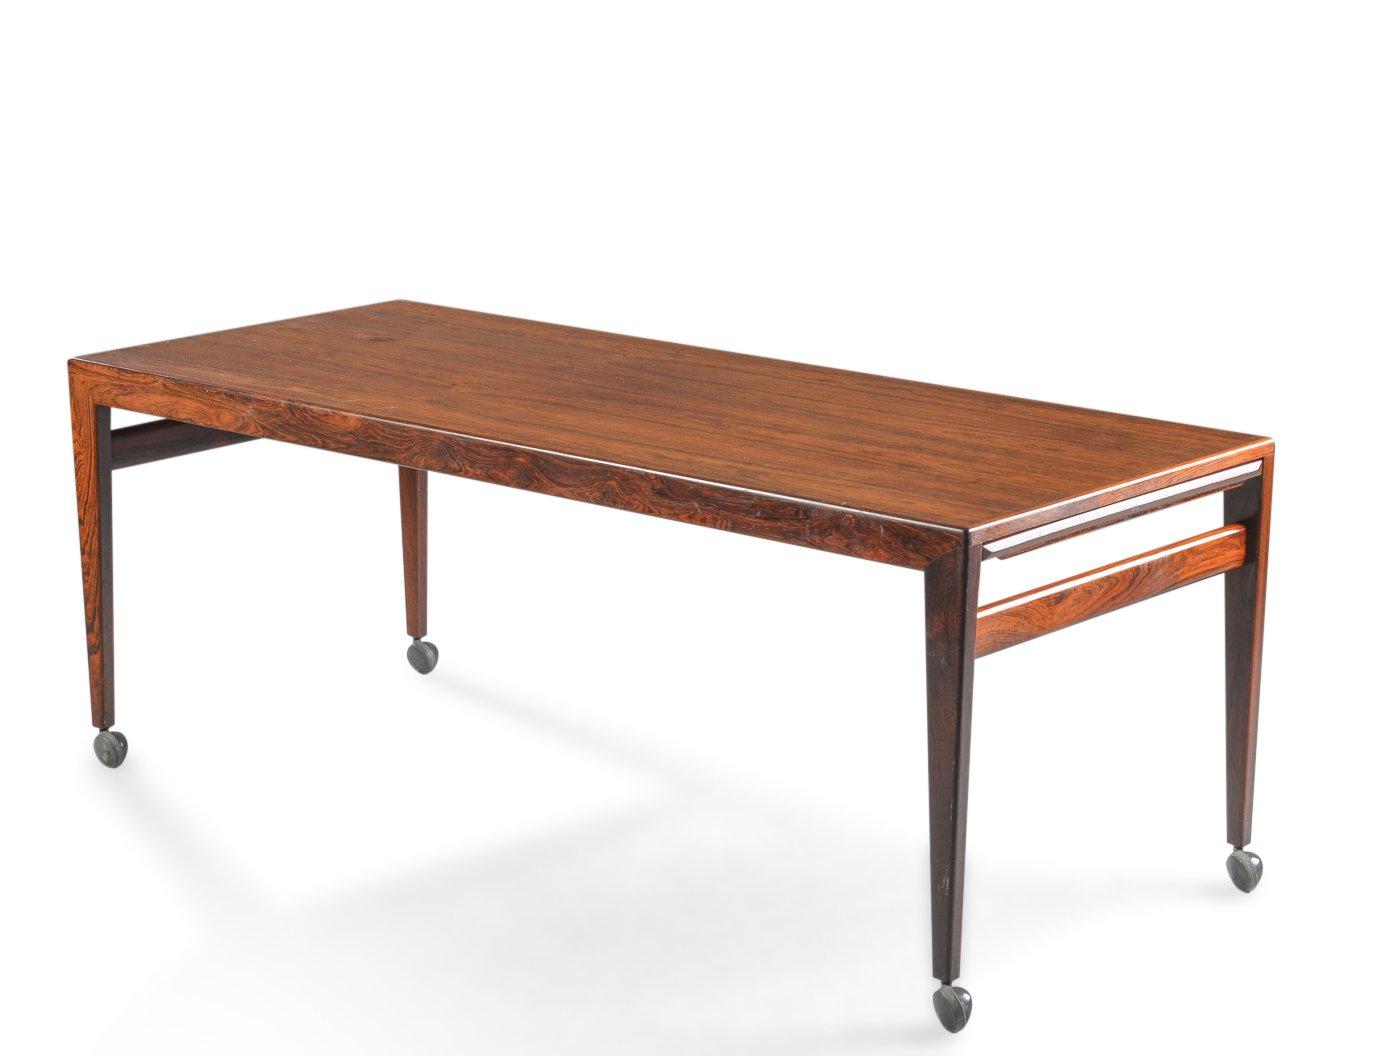 table basse sur roulettes par johannes andersen pour uldum. Black Bedroom Furniture Sets. Home Design Ideas